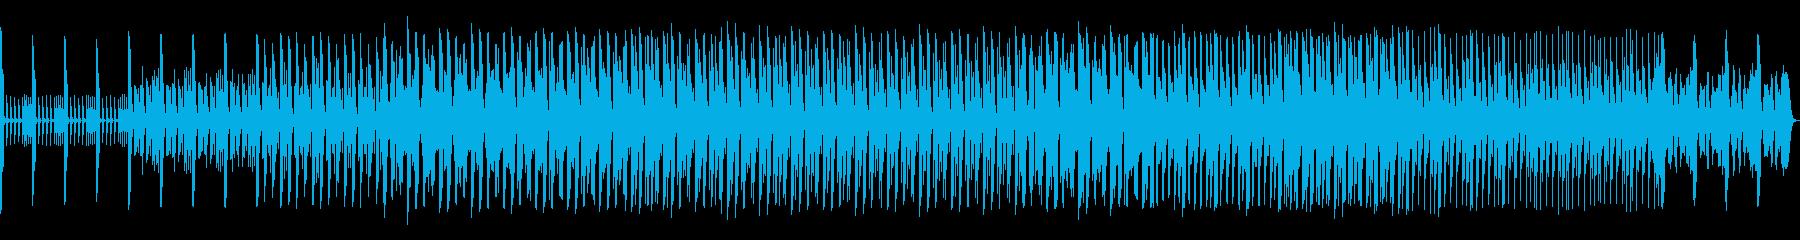 冷静になる。ボブマーリースタイルの...の再生済みの波形